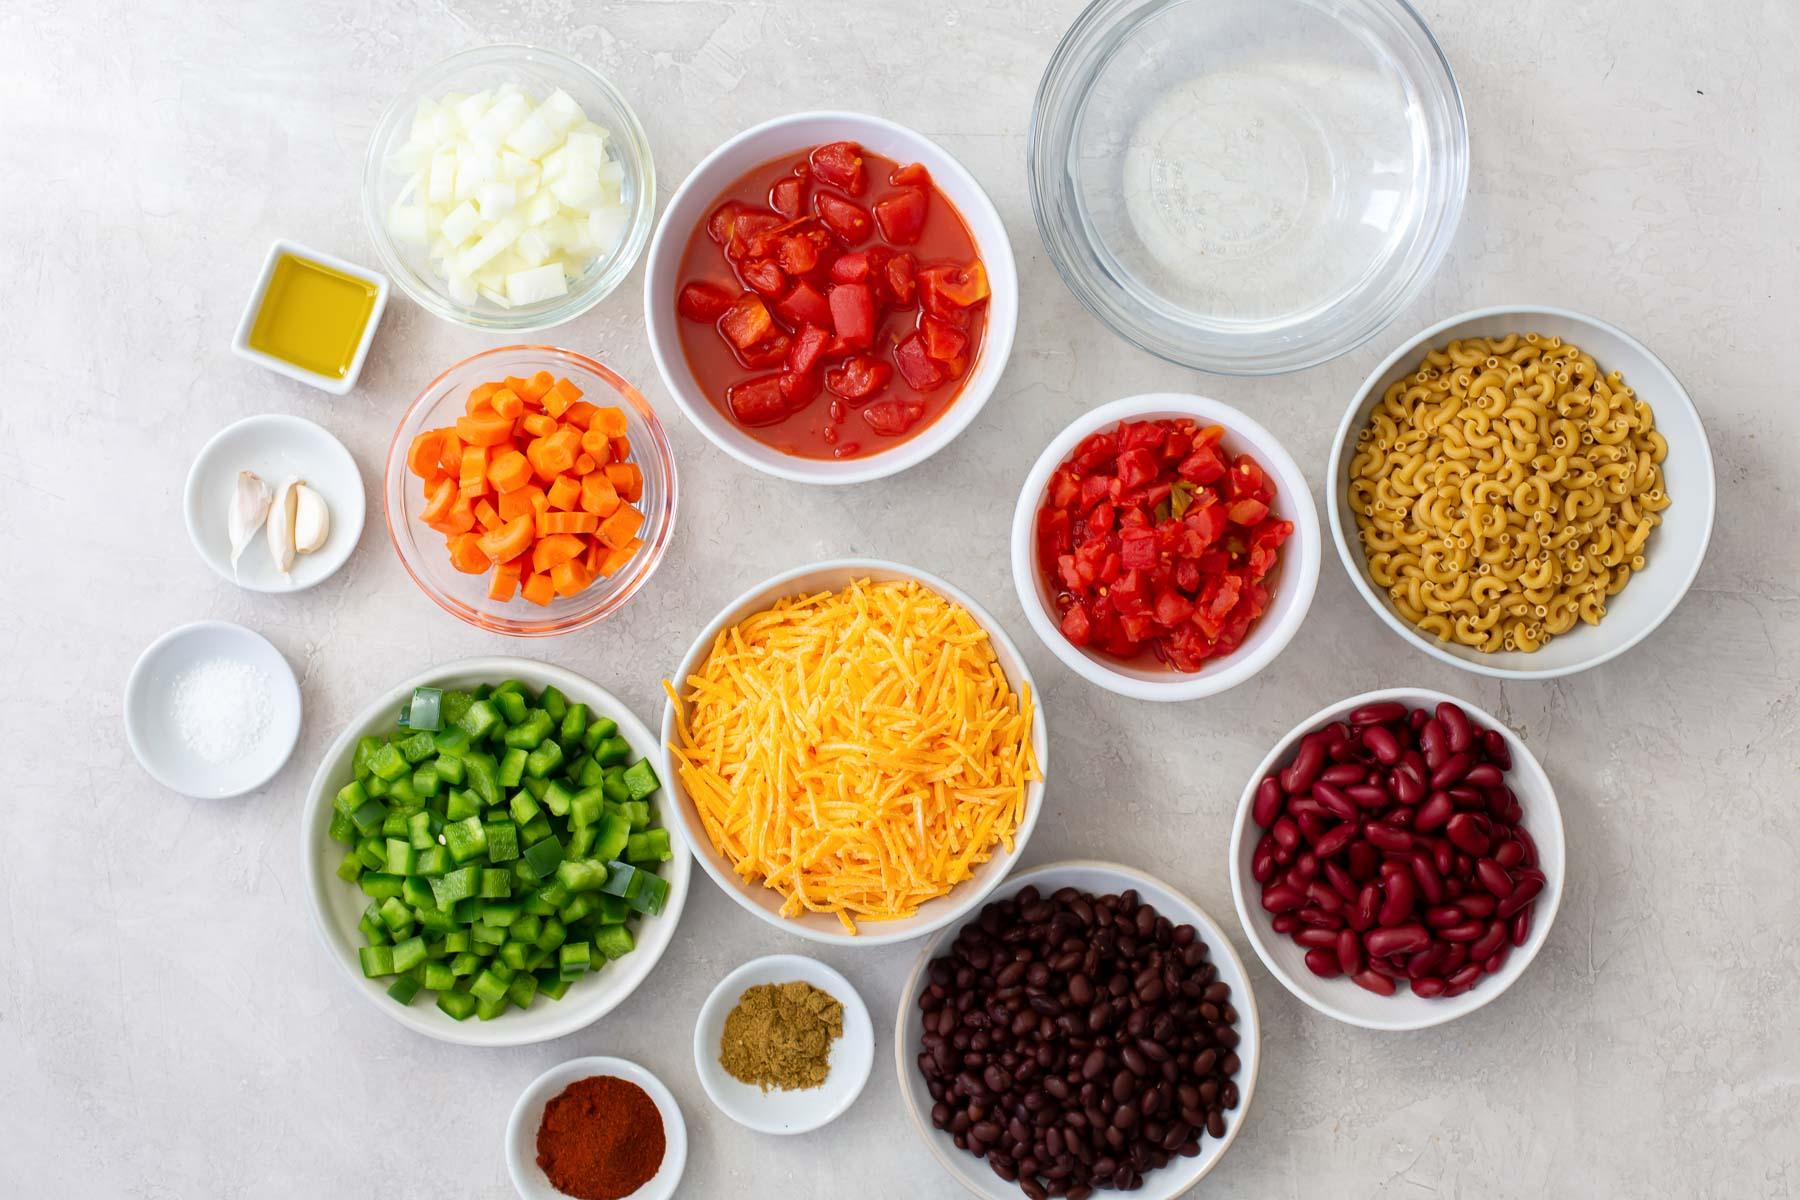 ingredients for vegetarian chili mac